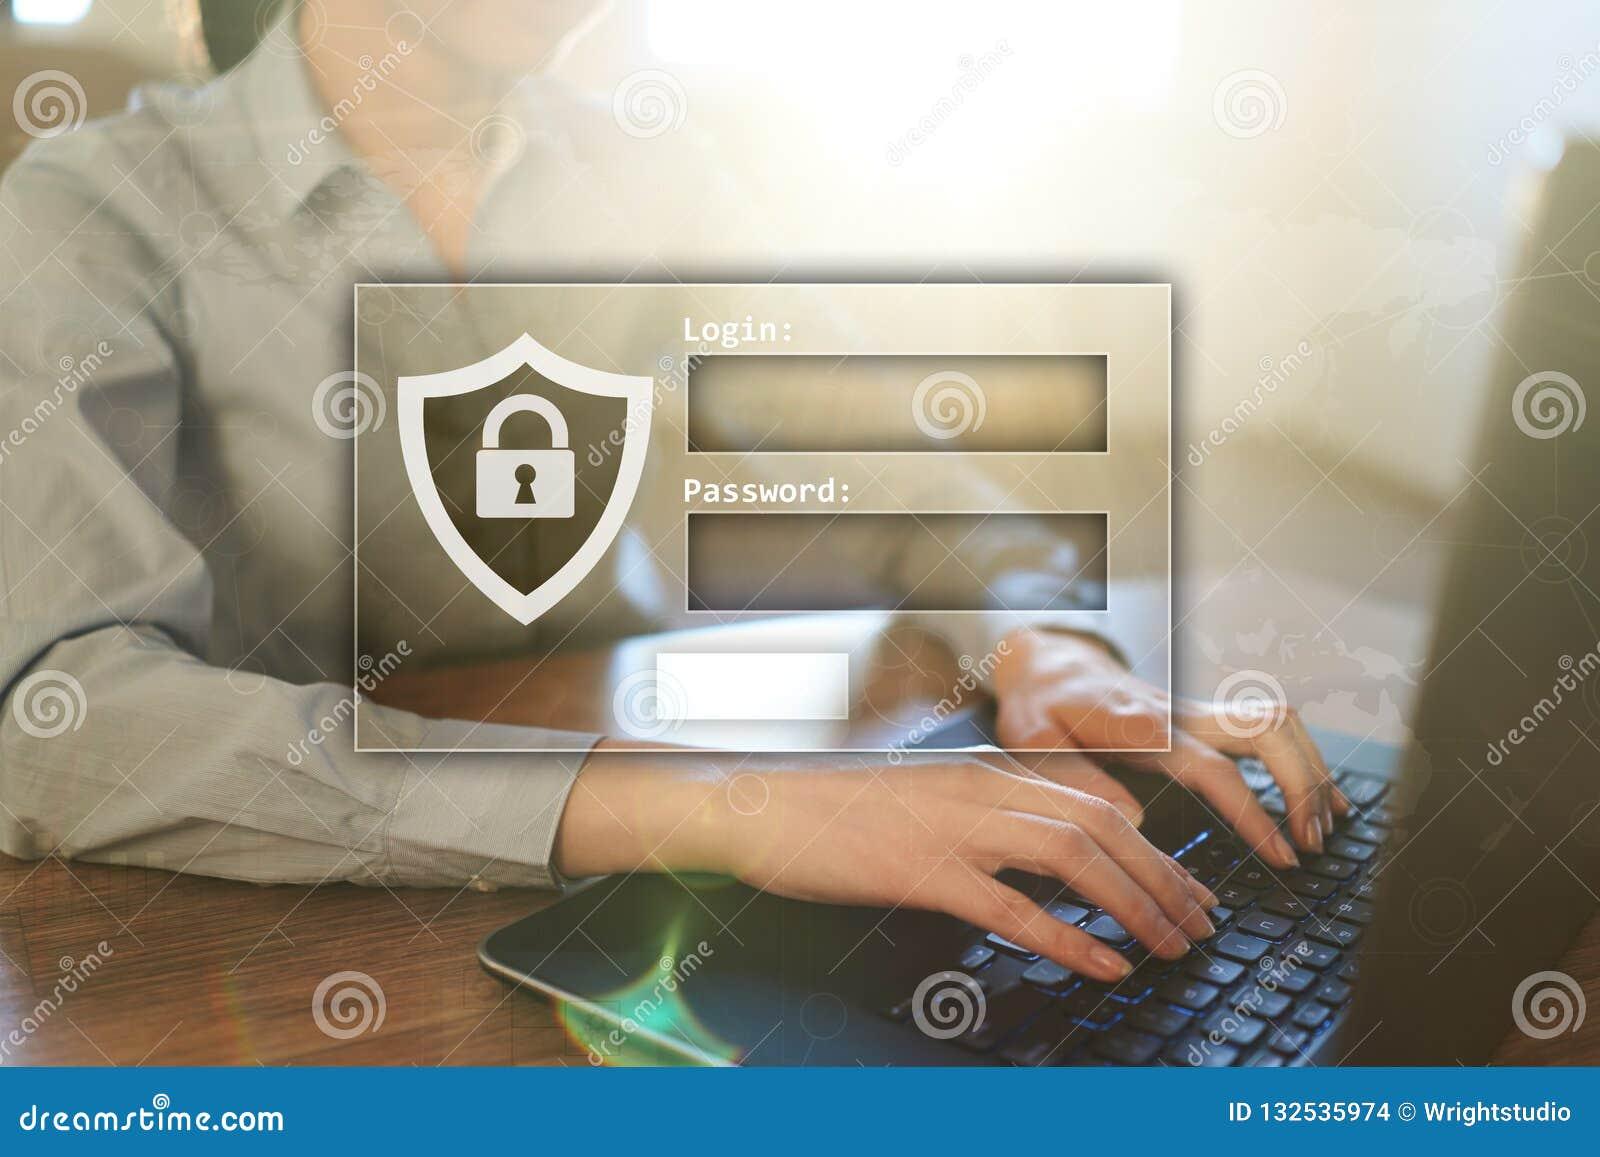 与注册和密码的通入窗口 Cybersecurity和数据保护概念在虚屏上